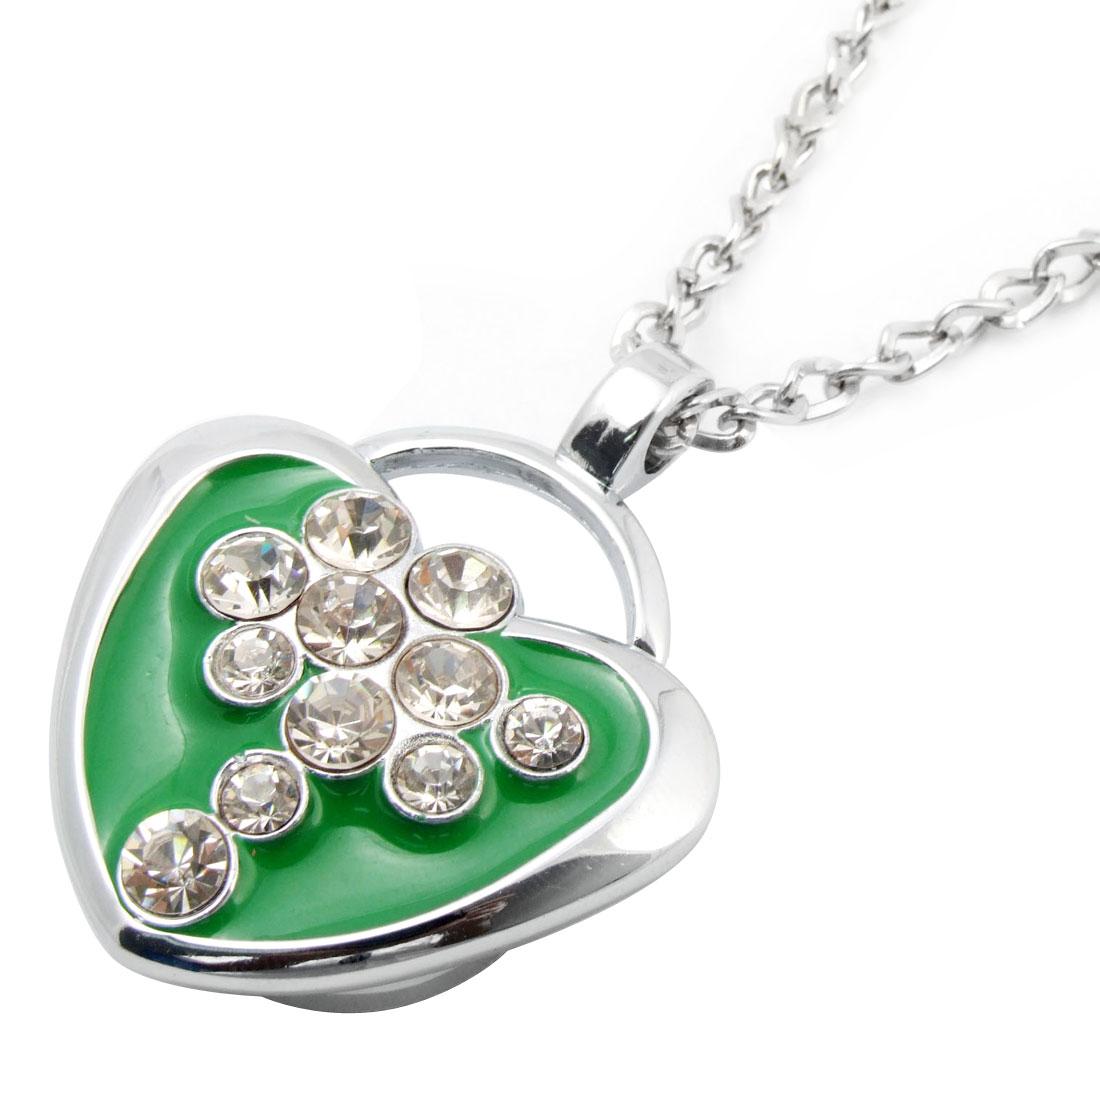 Fashion Jewelry Elegant Necklace Watch Quartz Watch